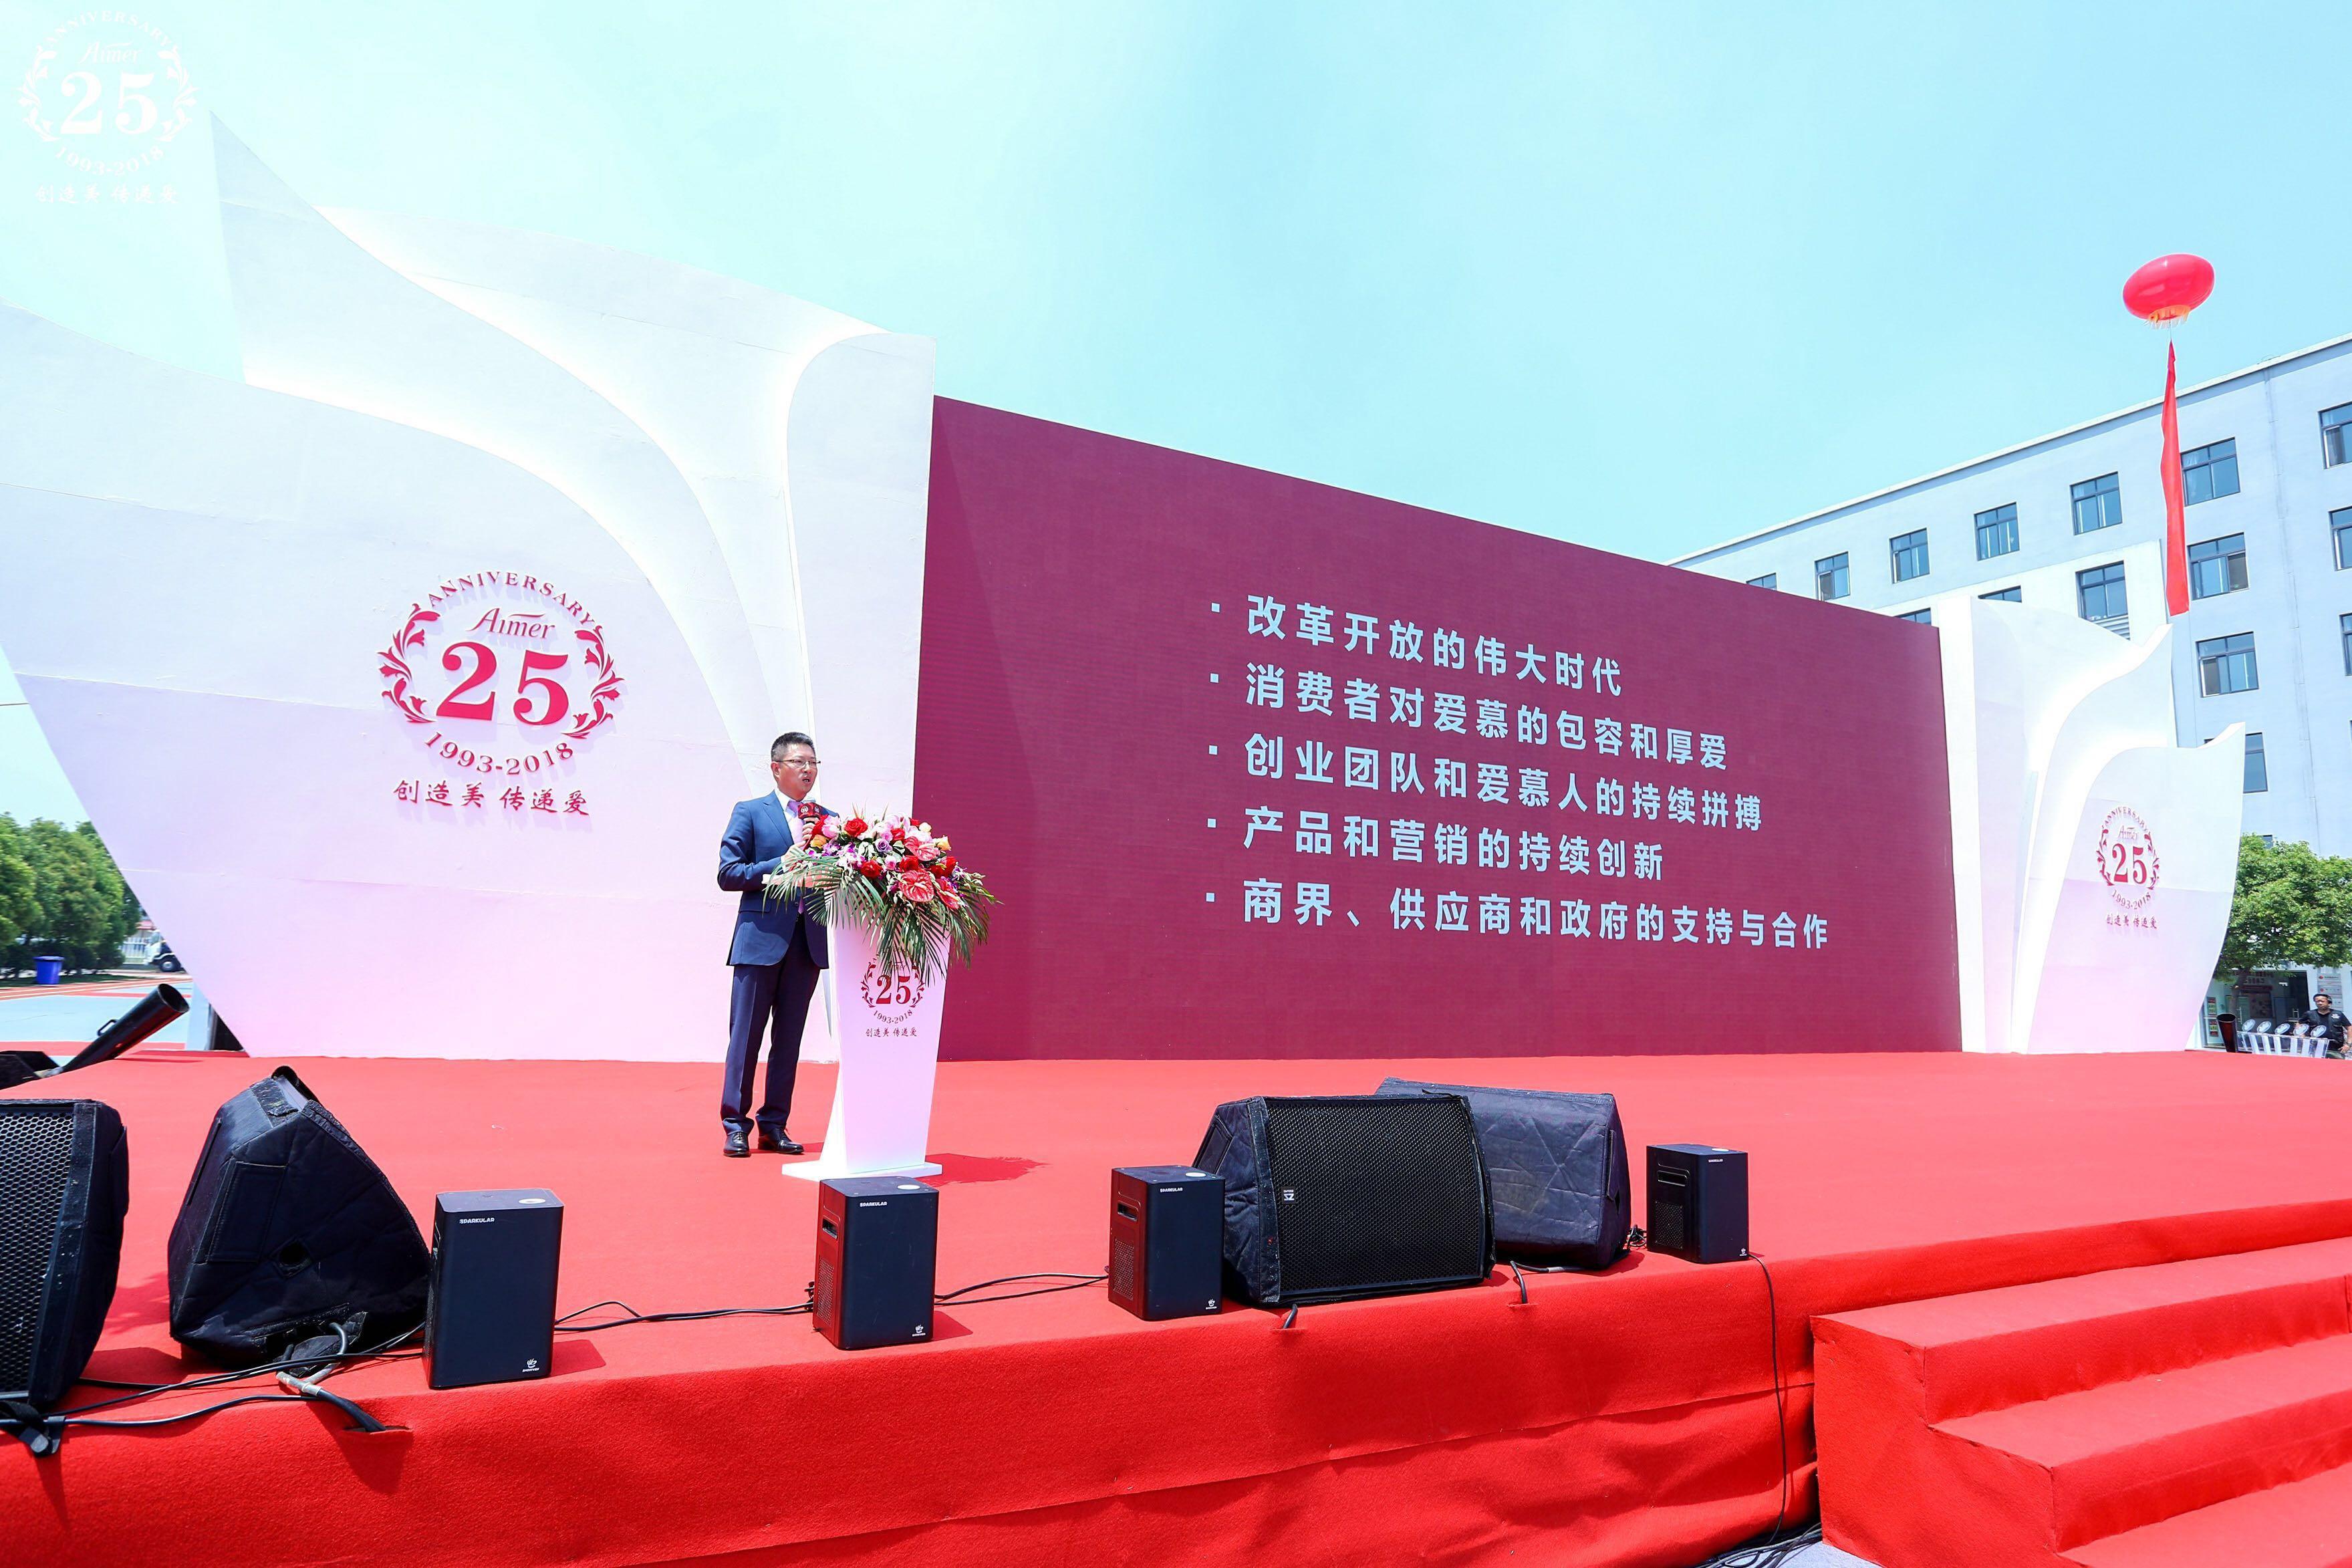 重新定义  再次出发——爱慕股份有限公司董事长张荣明谈爱慕25年的创业历程